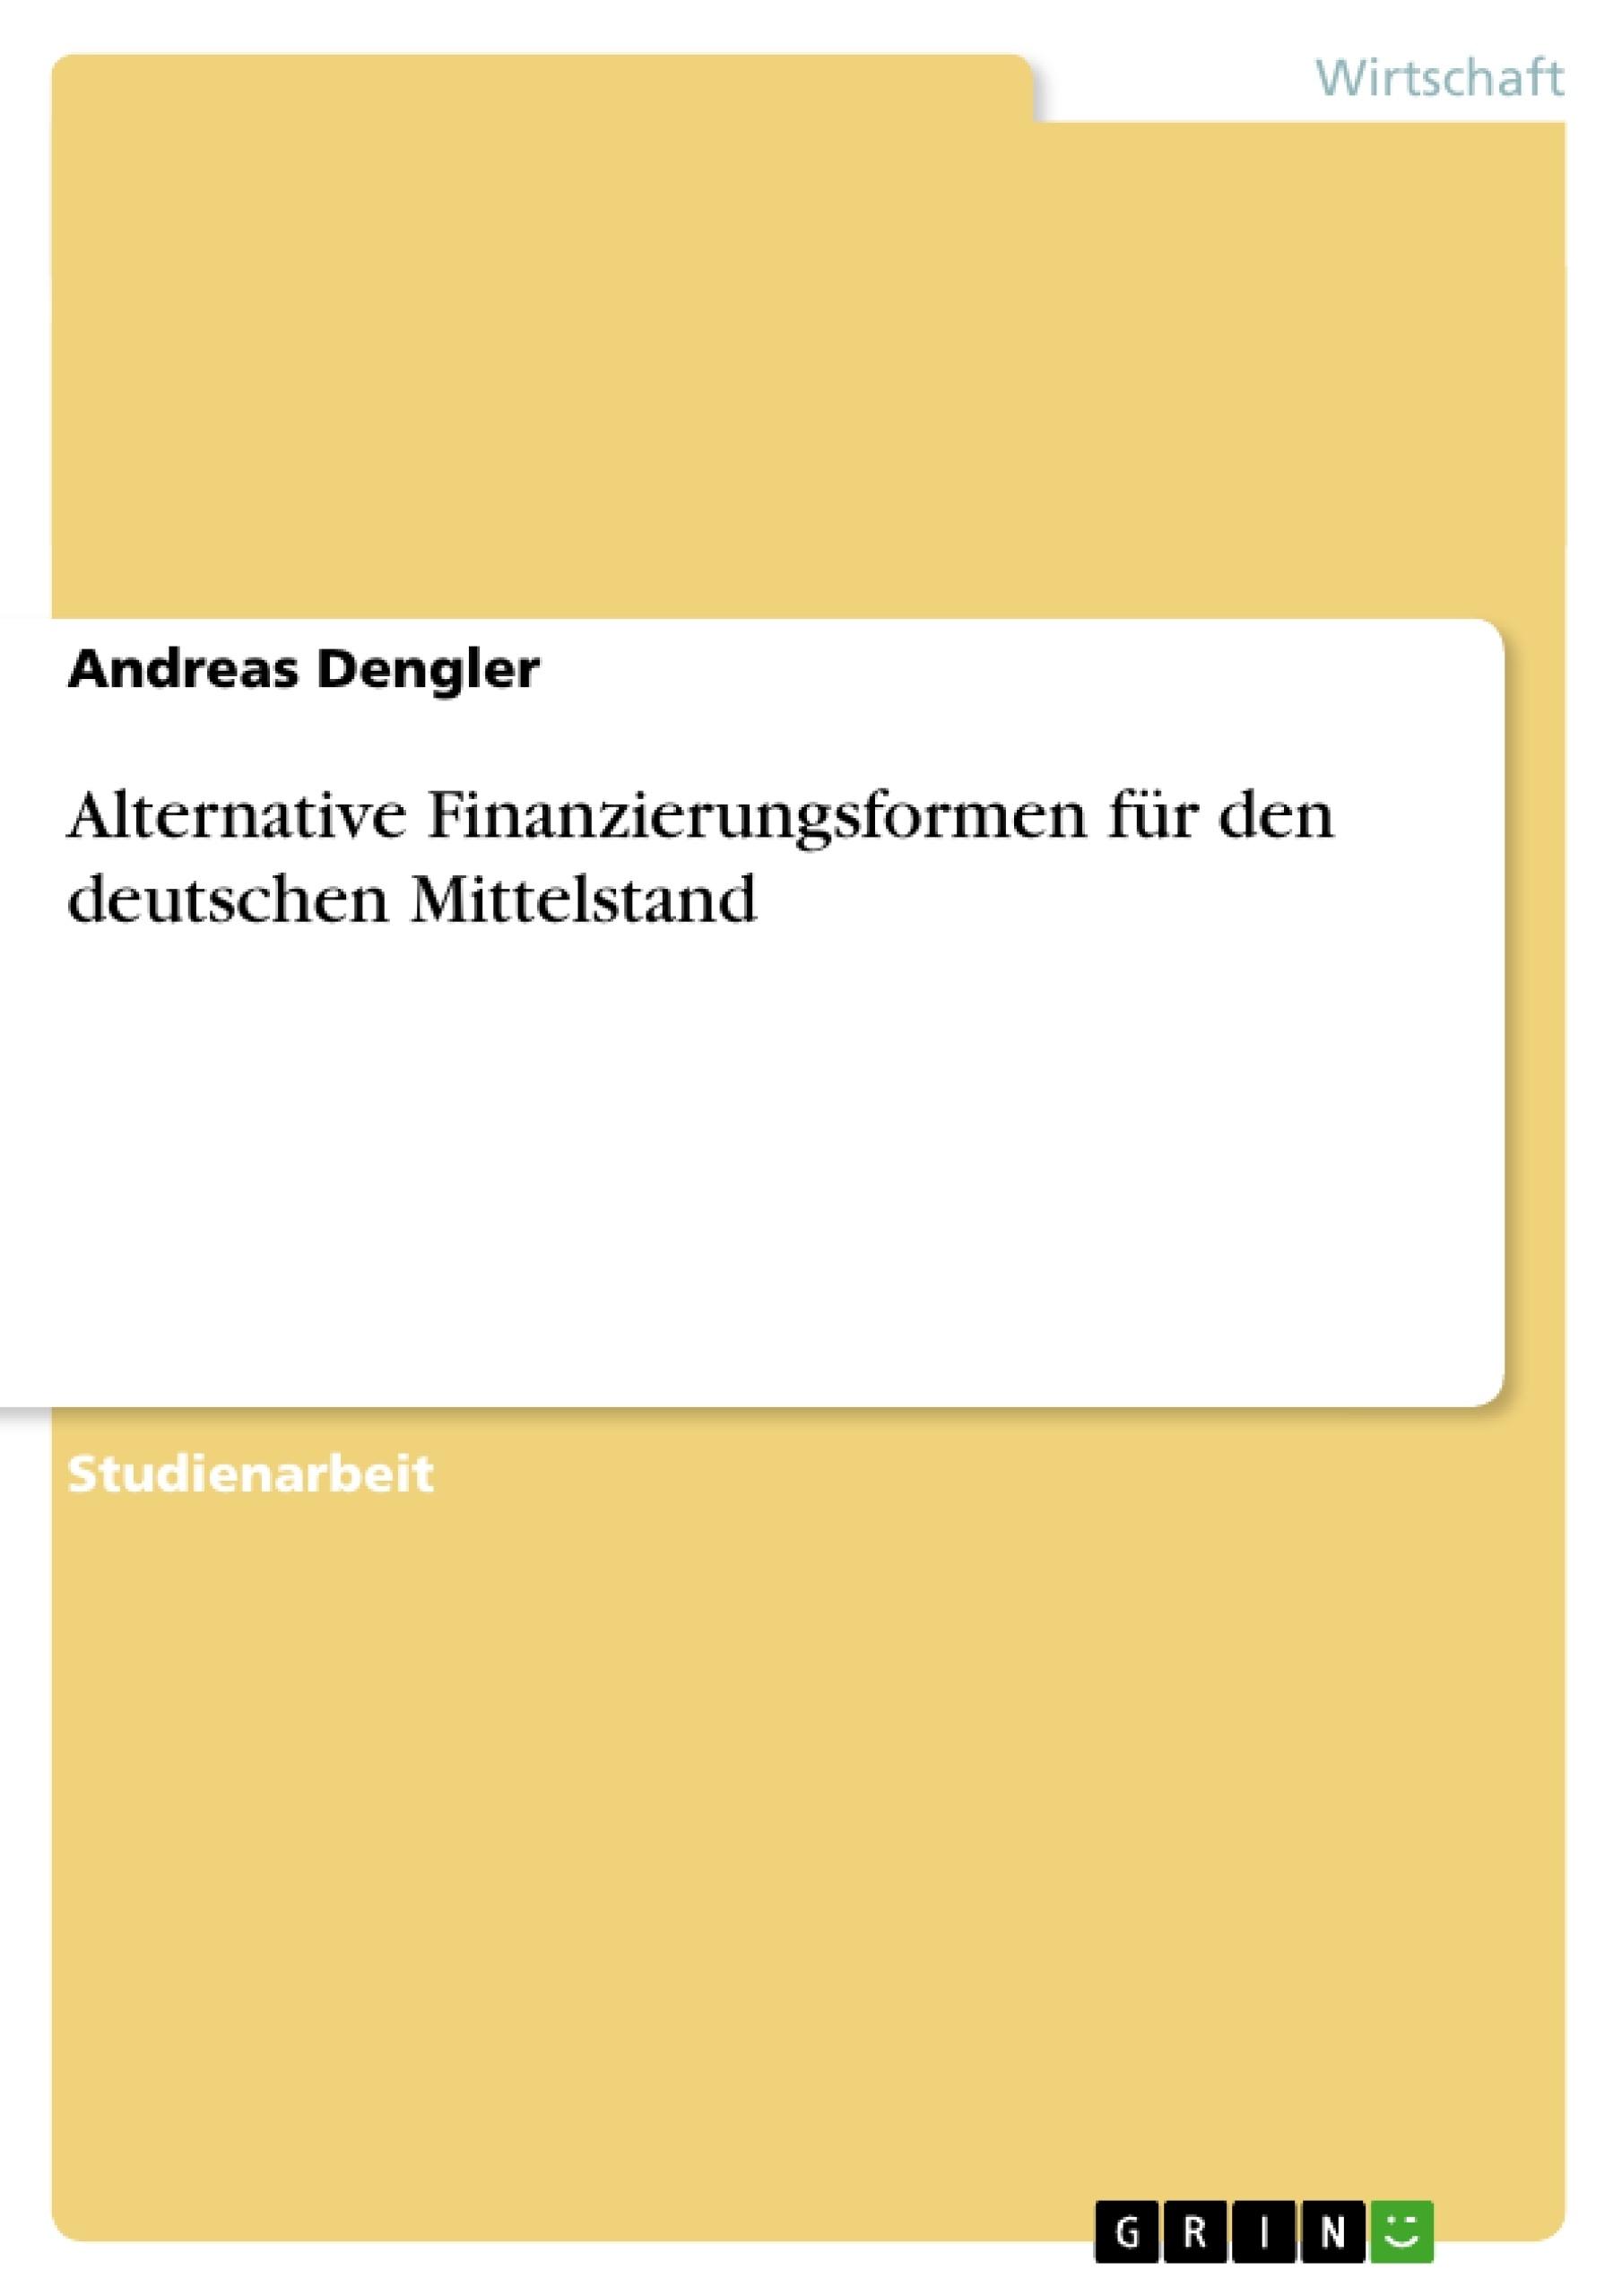 Titel: Alternative Finanzierungsformen für den deutschen Mittelstand